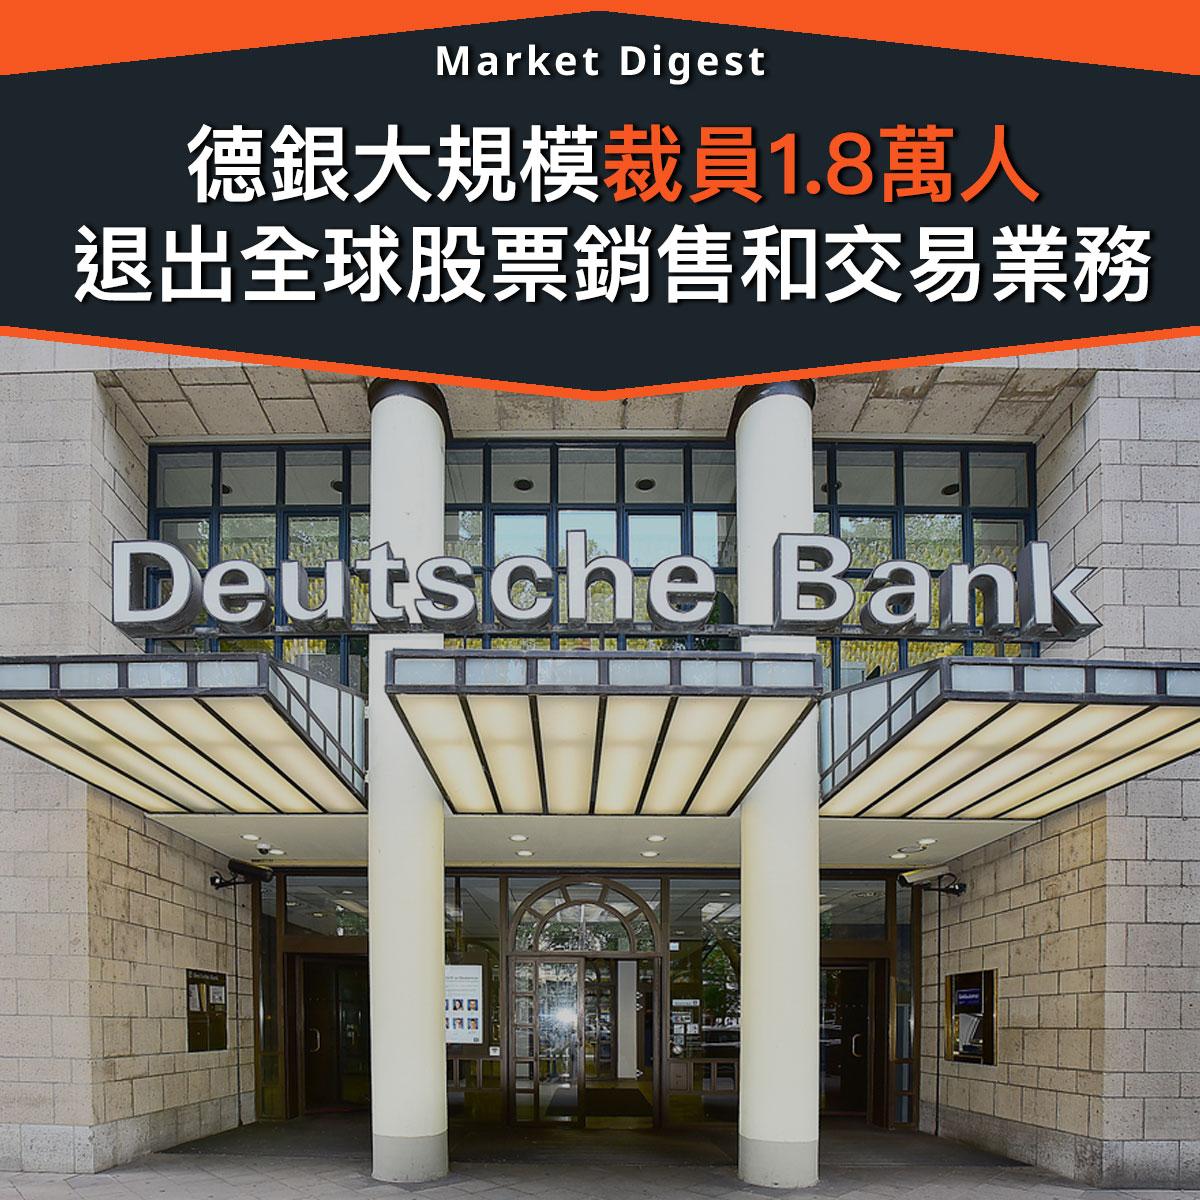 德銀大規模裁員1.8萬人,退出全球股票銷售及交易業務